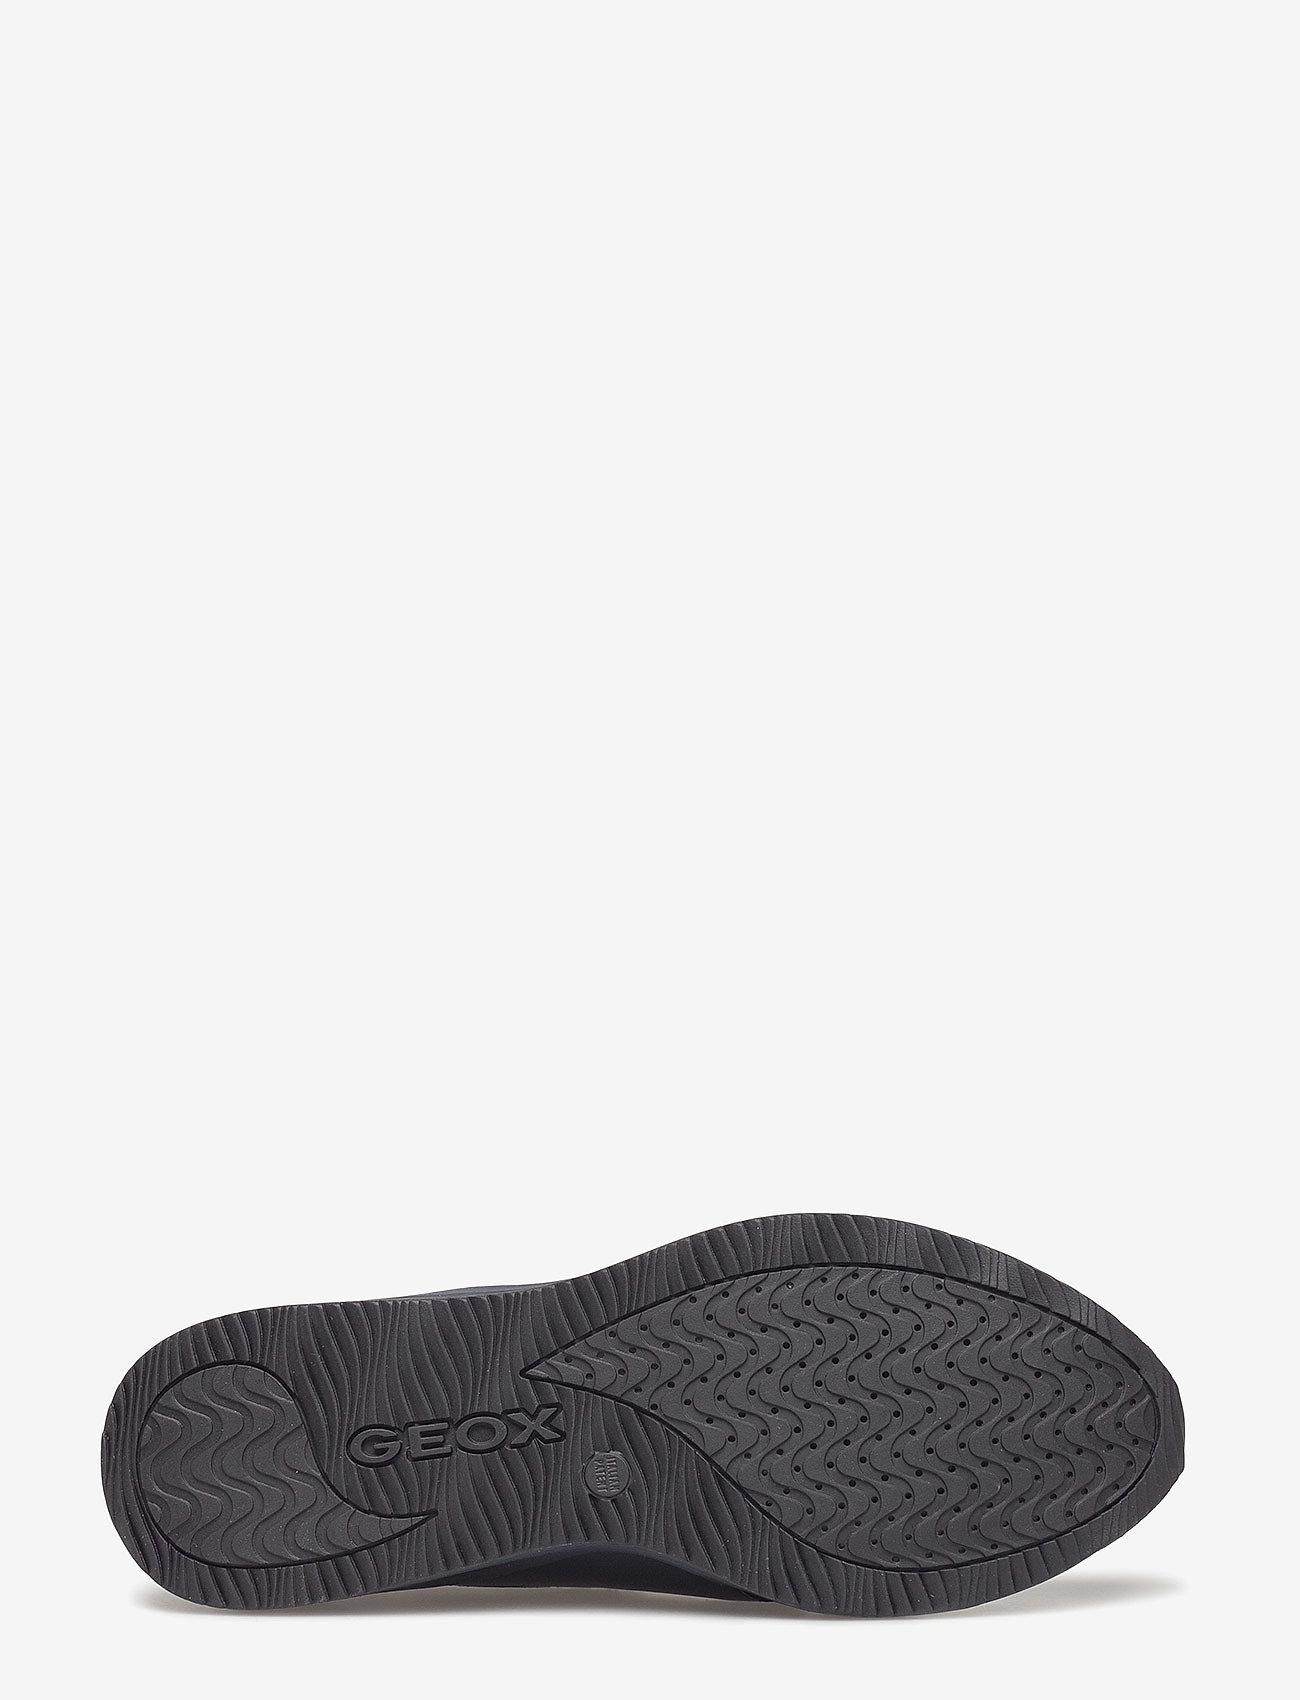 Geox D Omaya A - Sneakers Navy